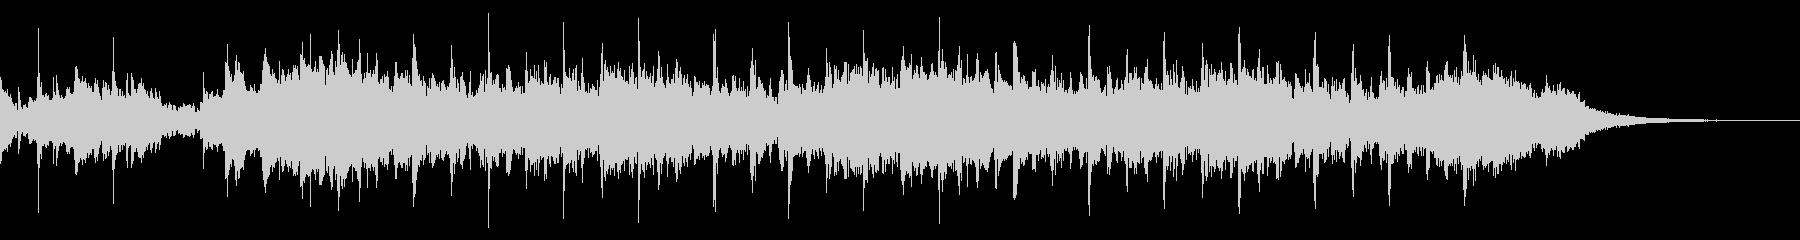 洋楽ポップス1(30秒 SNS)の未再生の波形